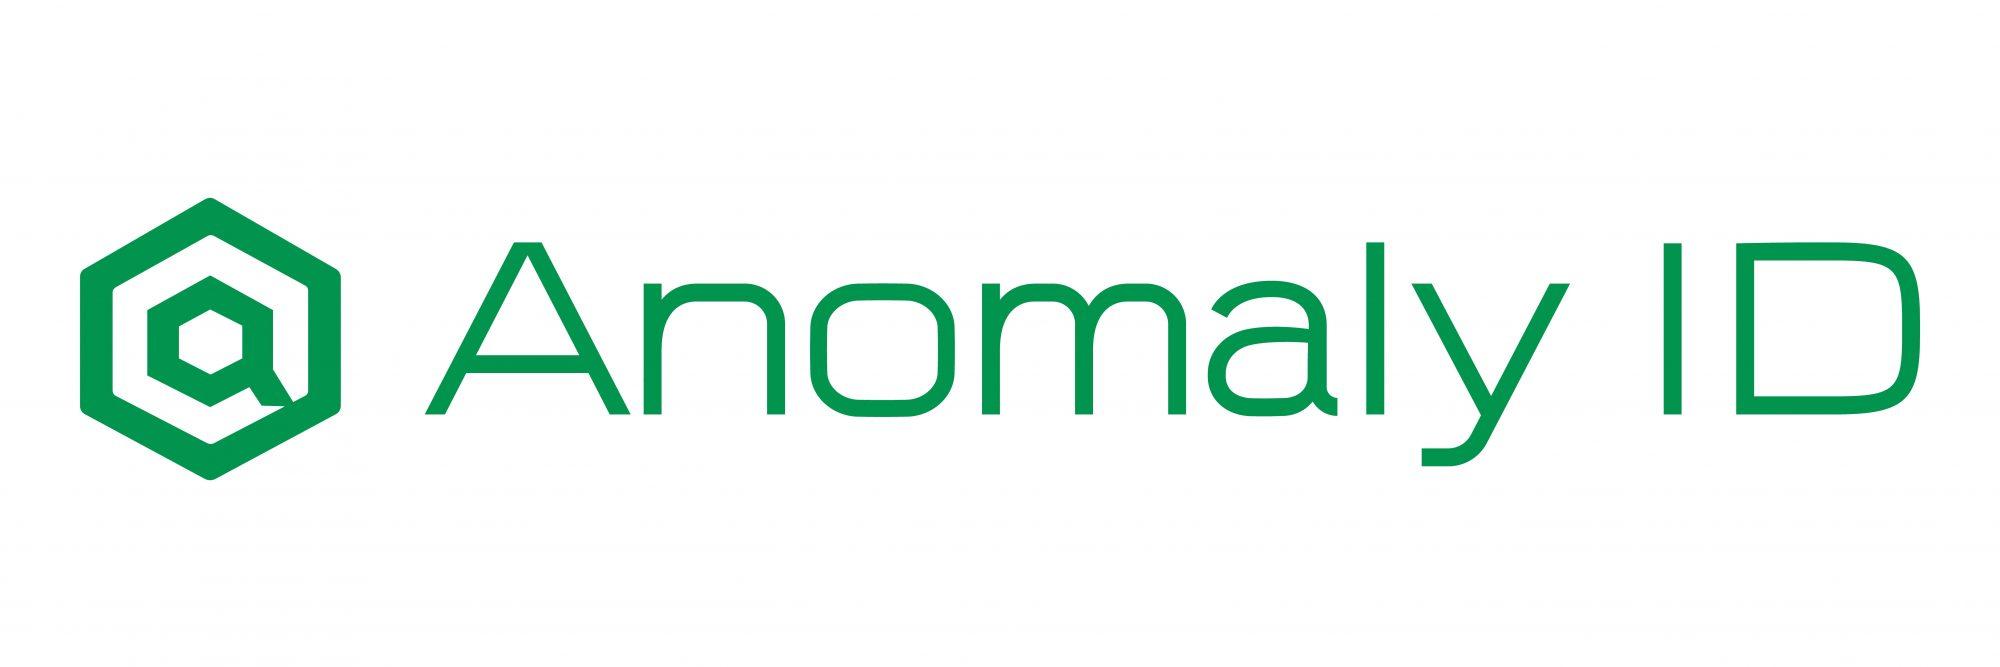 アノマリーサービスを1つのパスワードで複数利用できる共通認証ID「Anomaly ID」の提供を開始!!